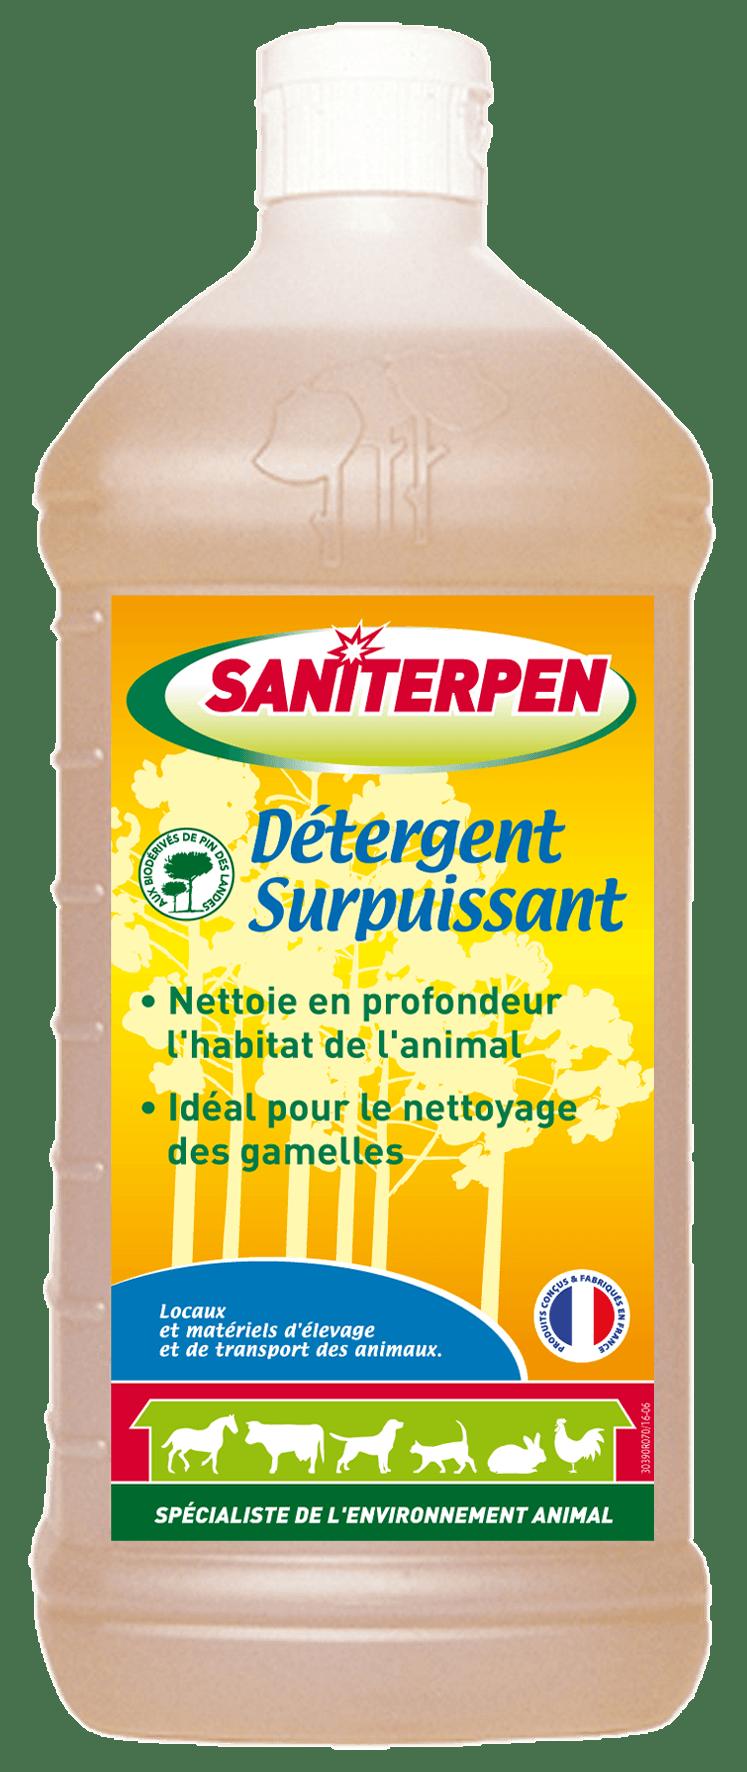 Saniterpen Détergent Surpuissant 1 L